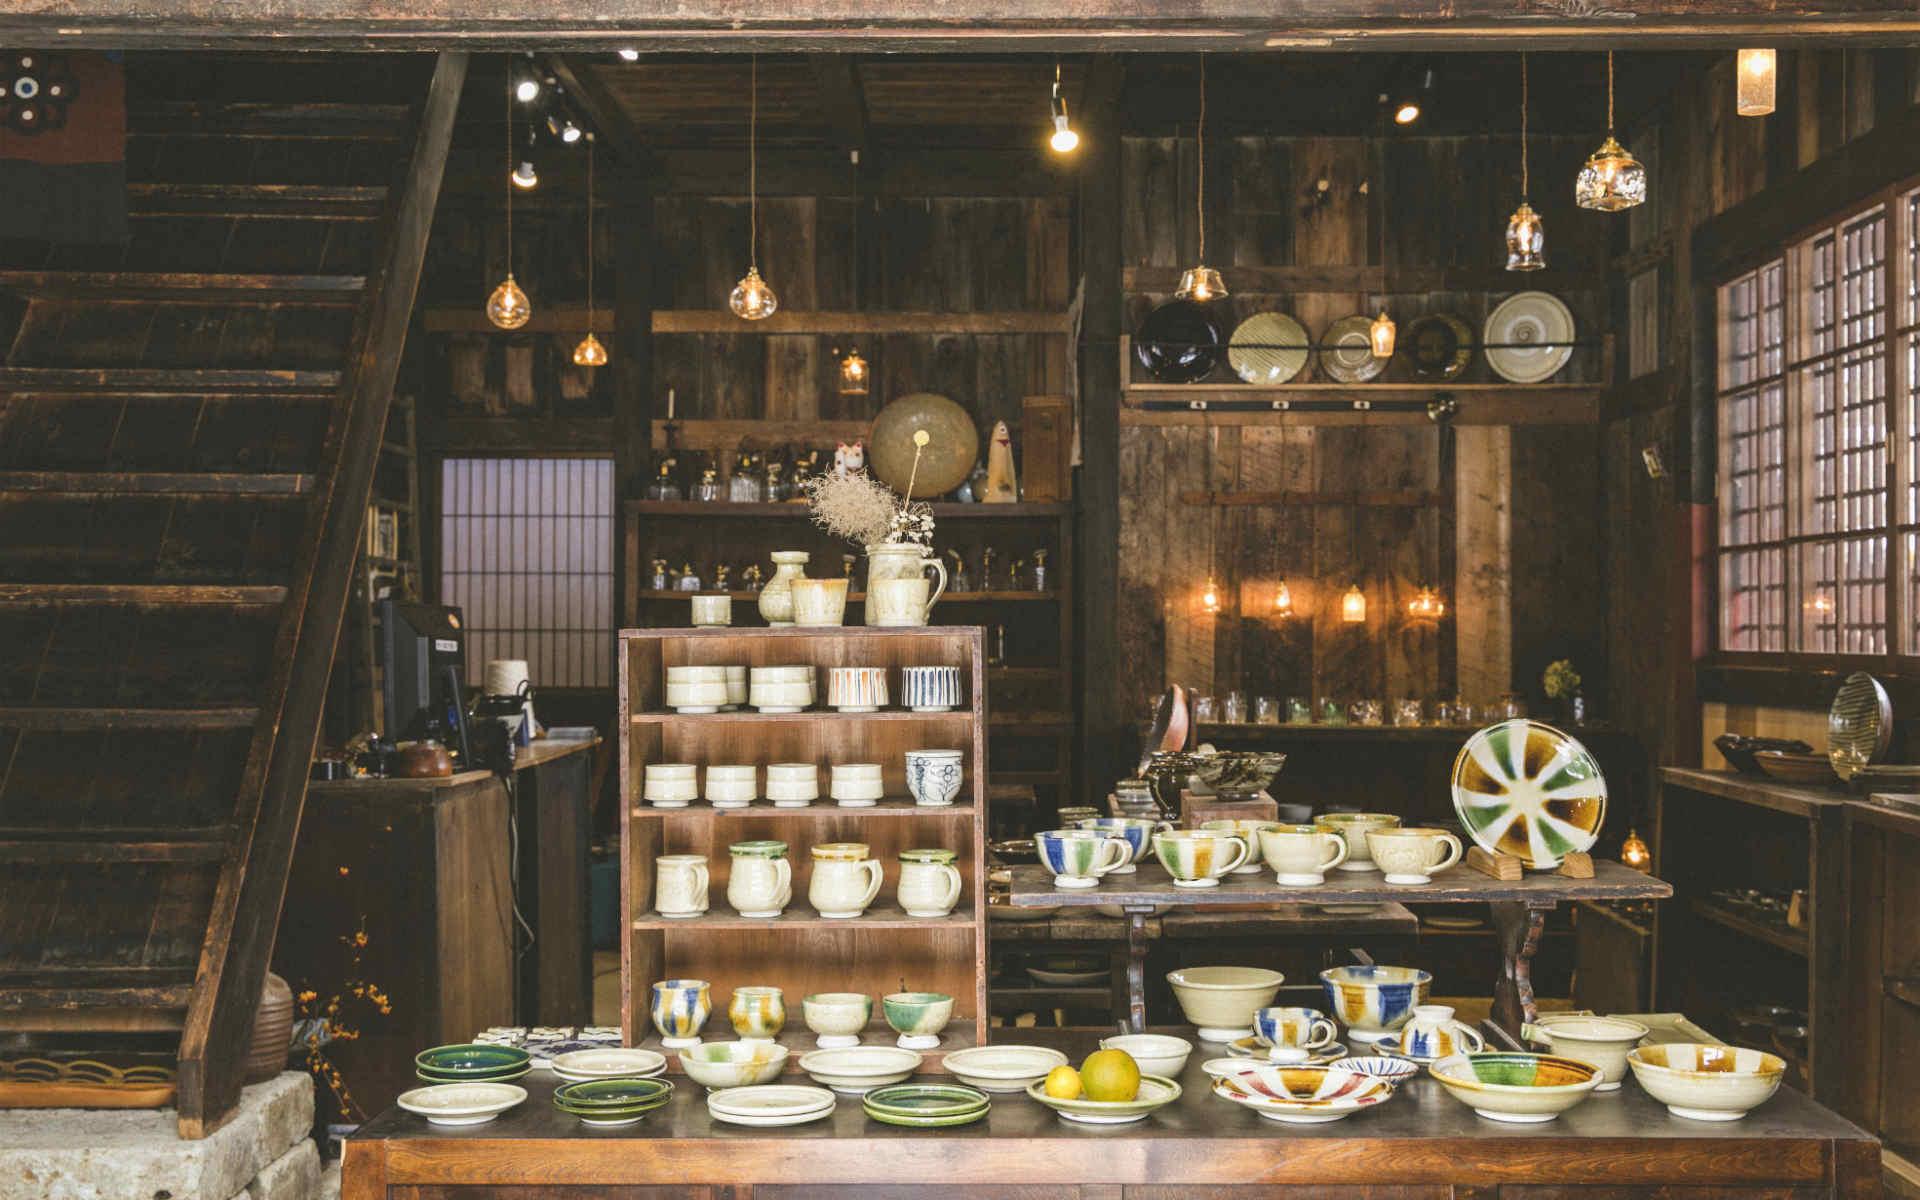 遠足の前日のような楽しさを毎日に。飛騨高山の道具店「やわい屋」